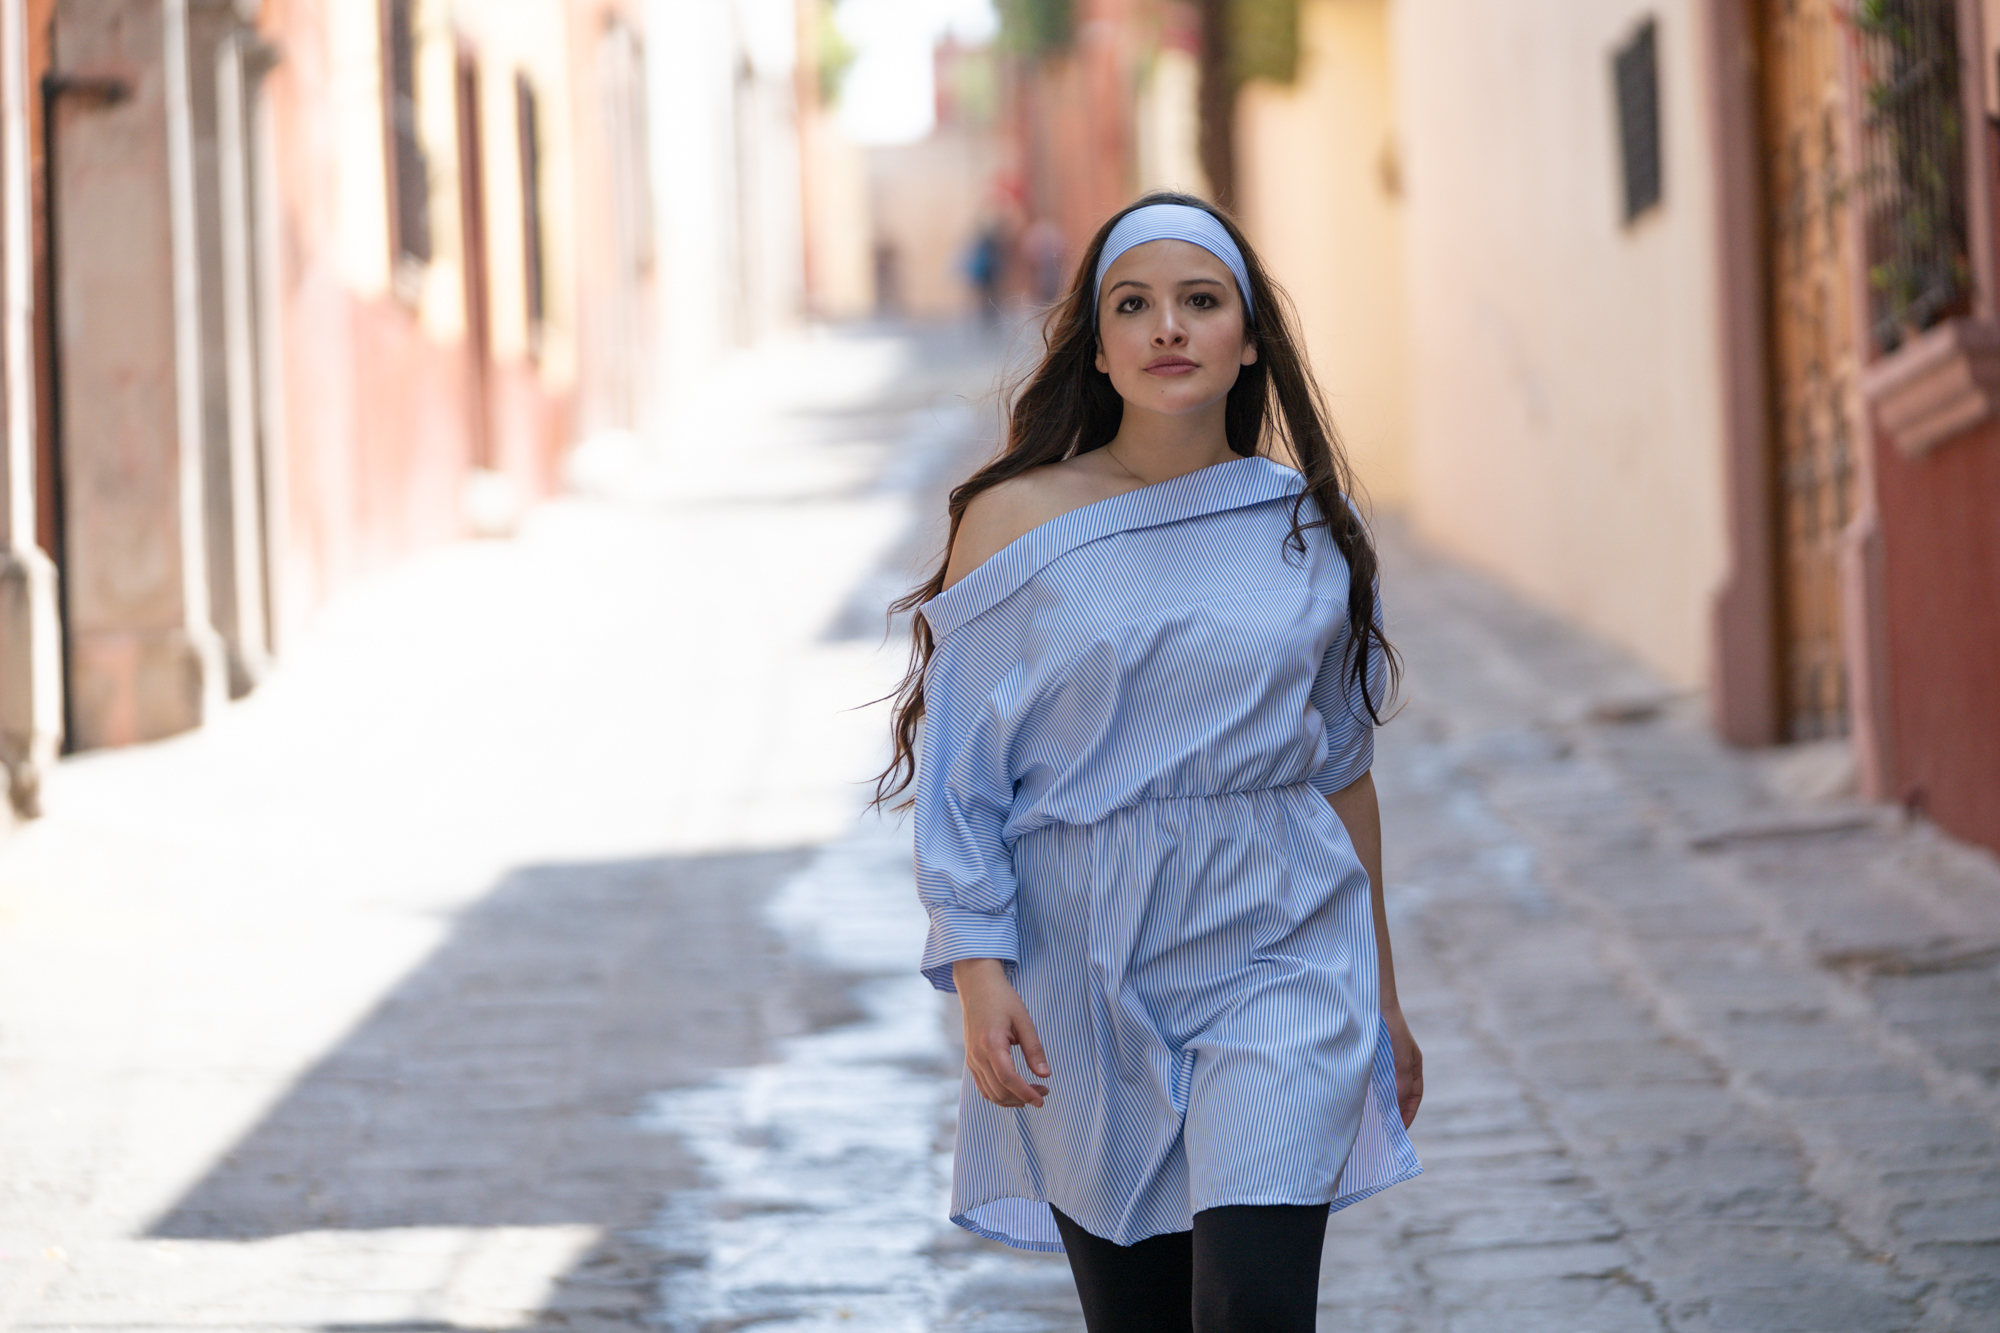 Sesion de Fotos en San Miguel de Allende con Rogelio y su Fmailia-54.jpg